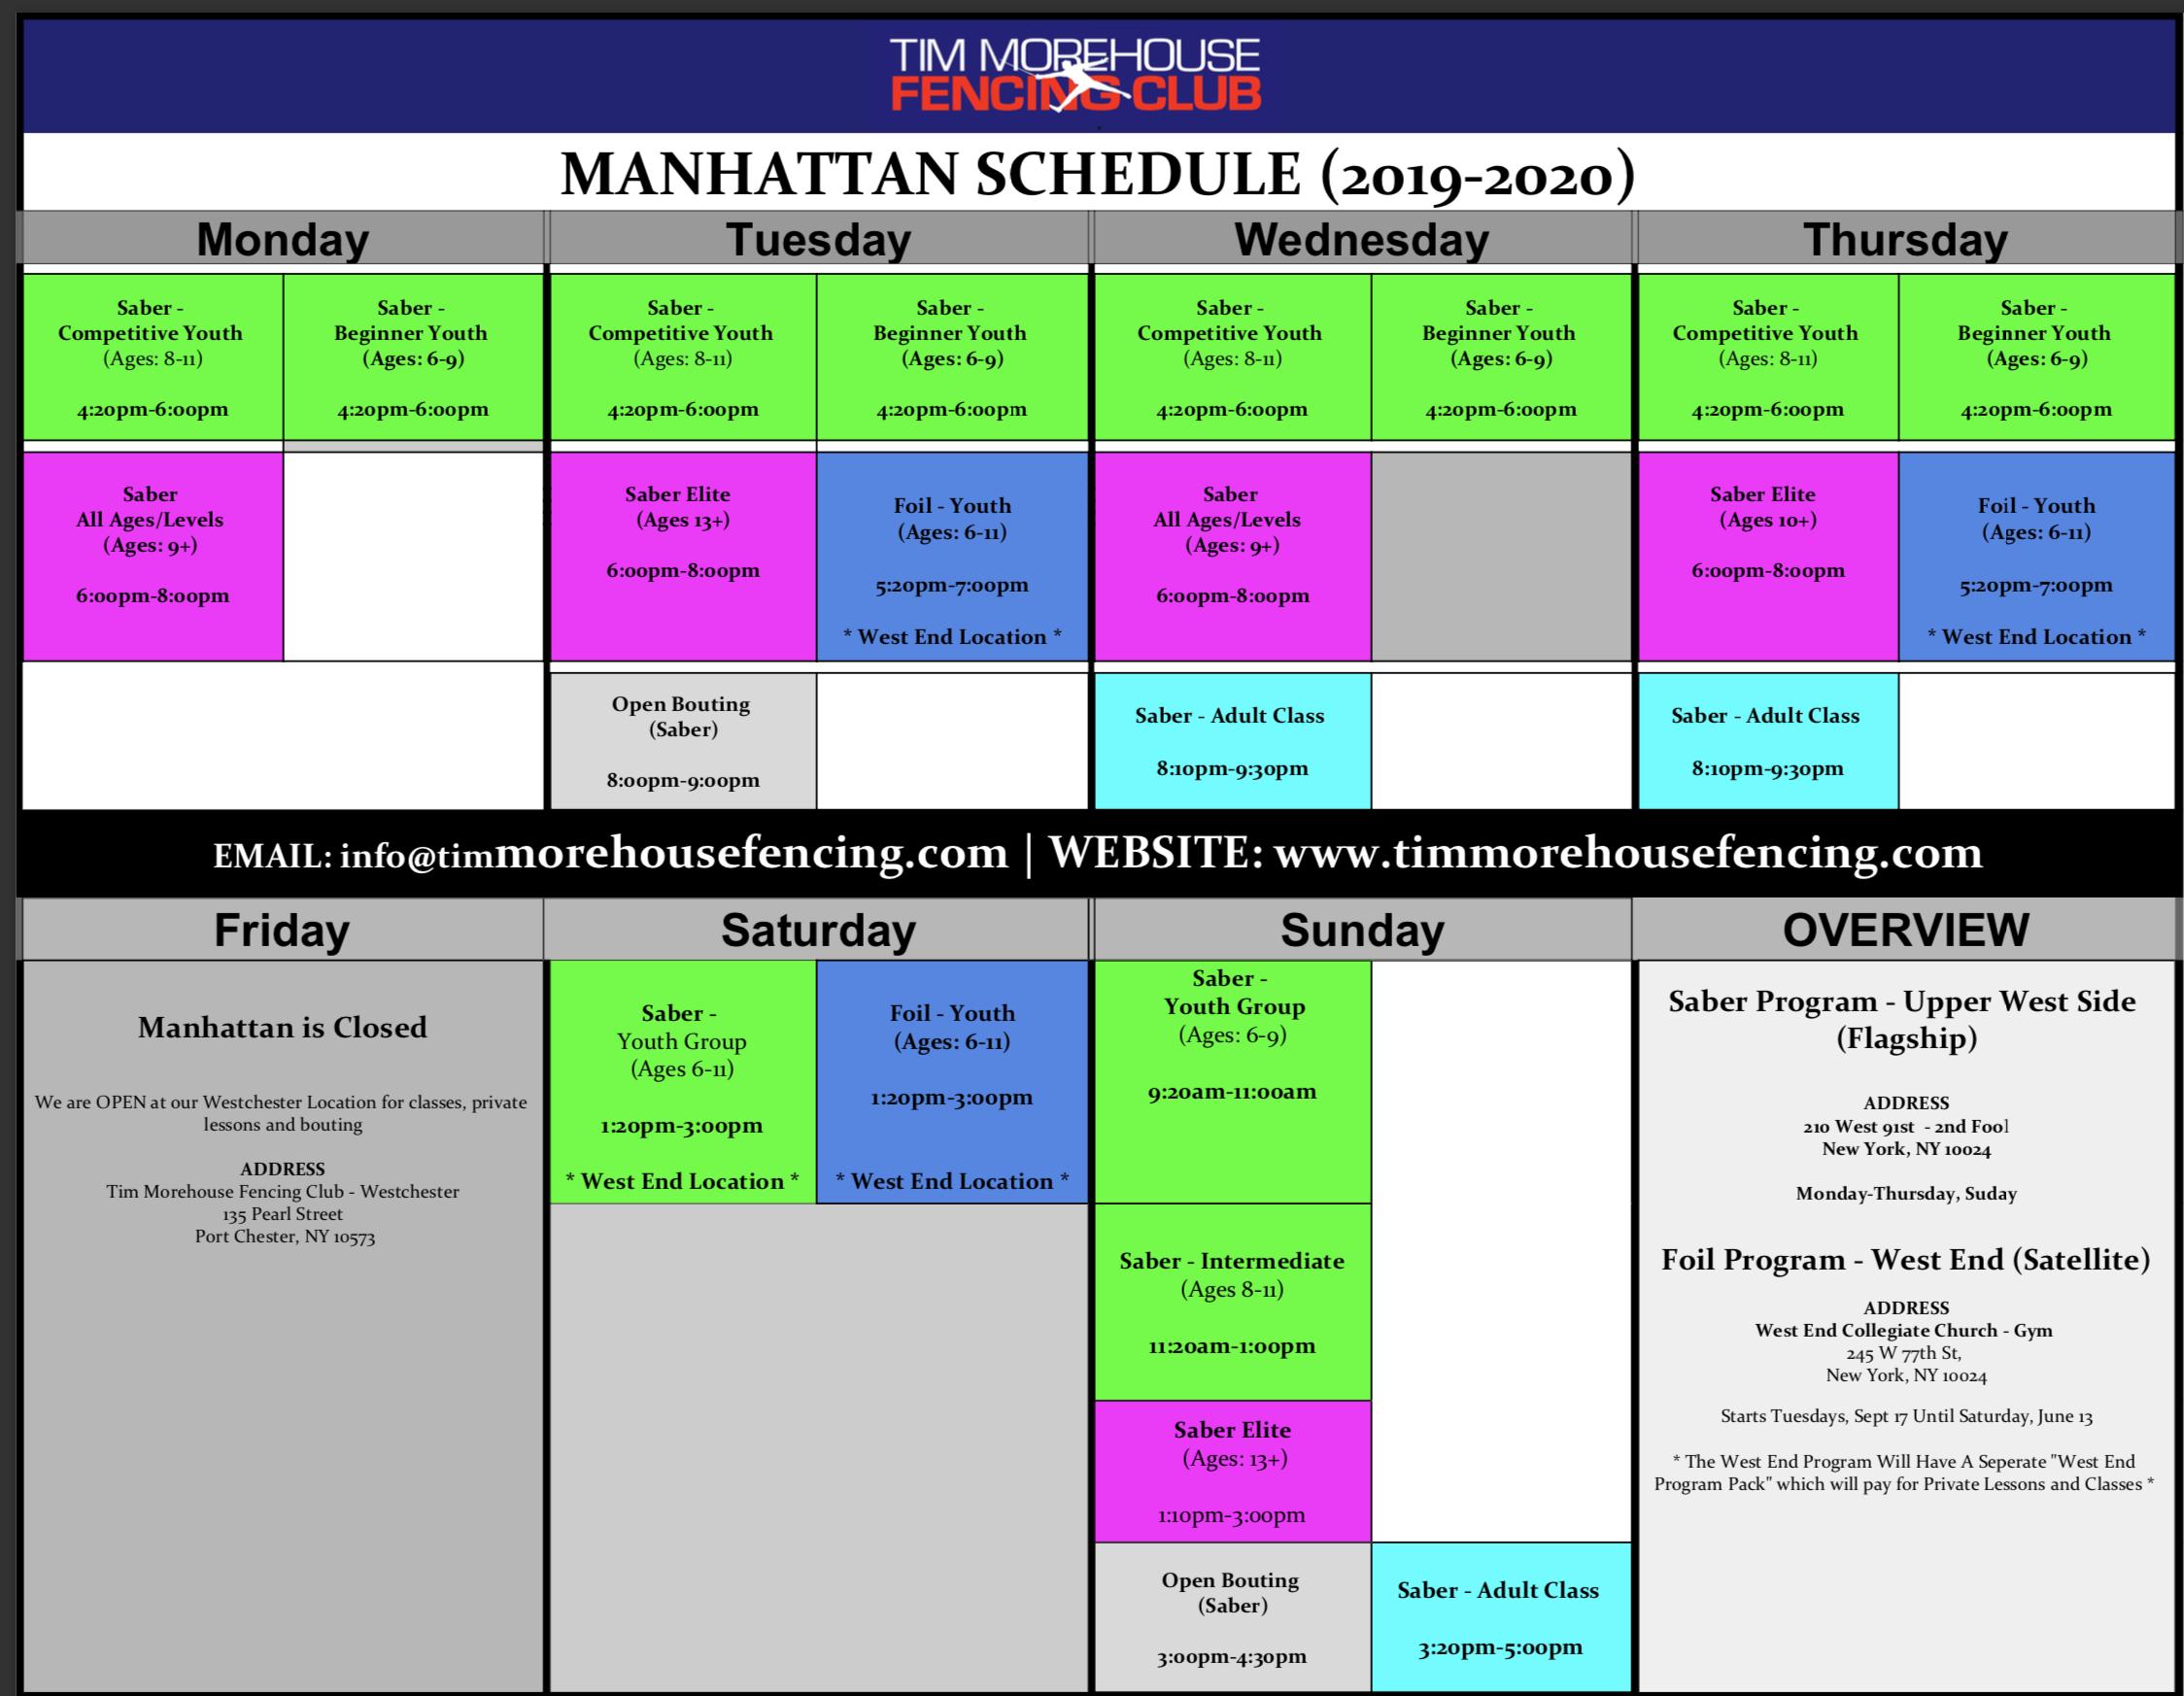 Manhattan Schedule '19-'20.png